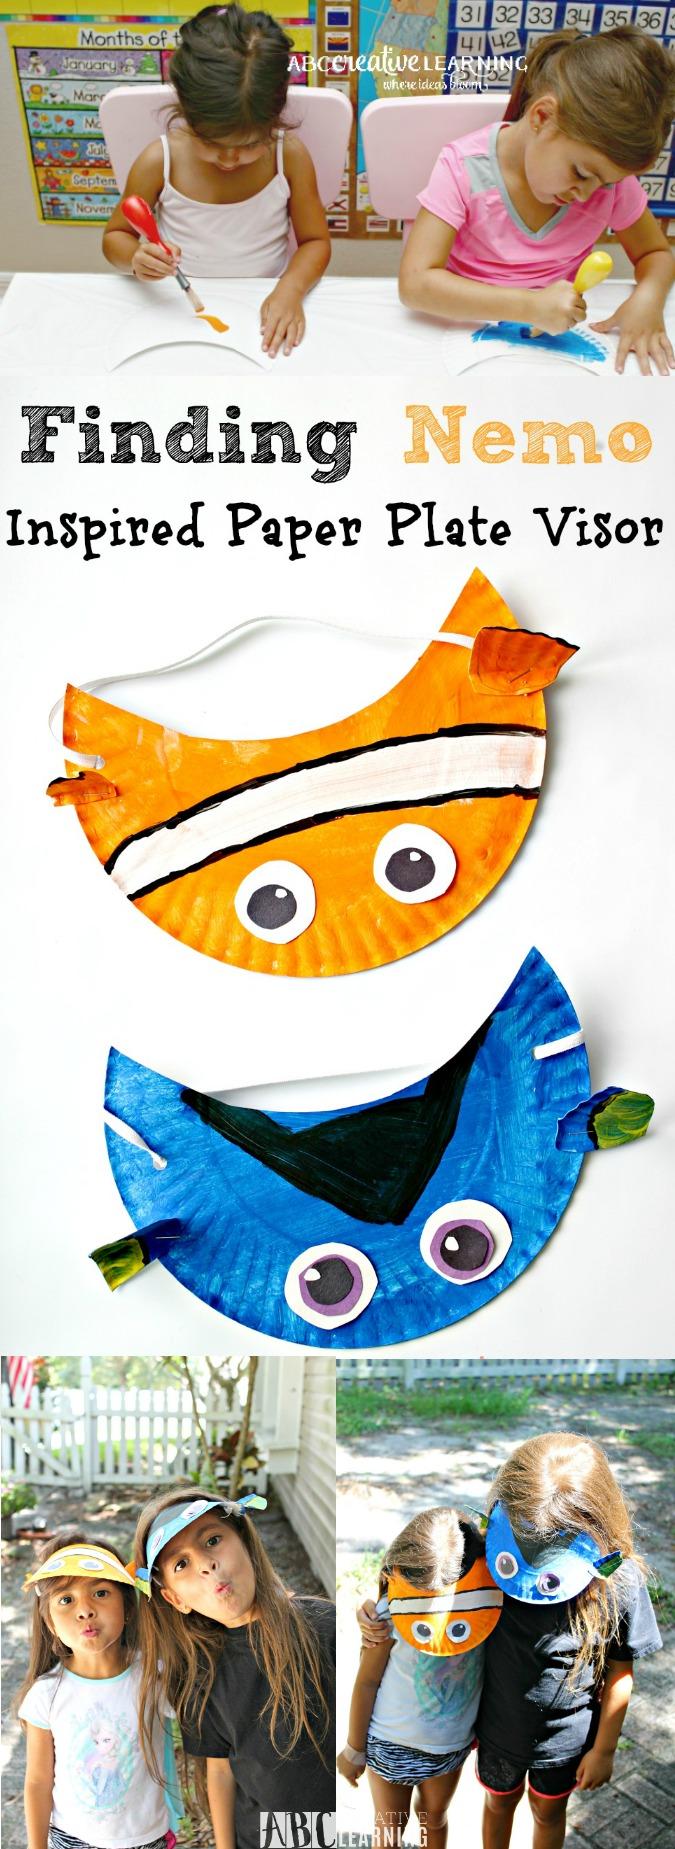 finding nemo movie inspired paper plate visor hat for kids